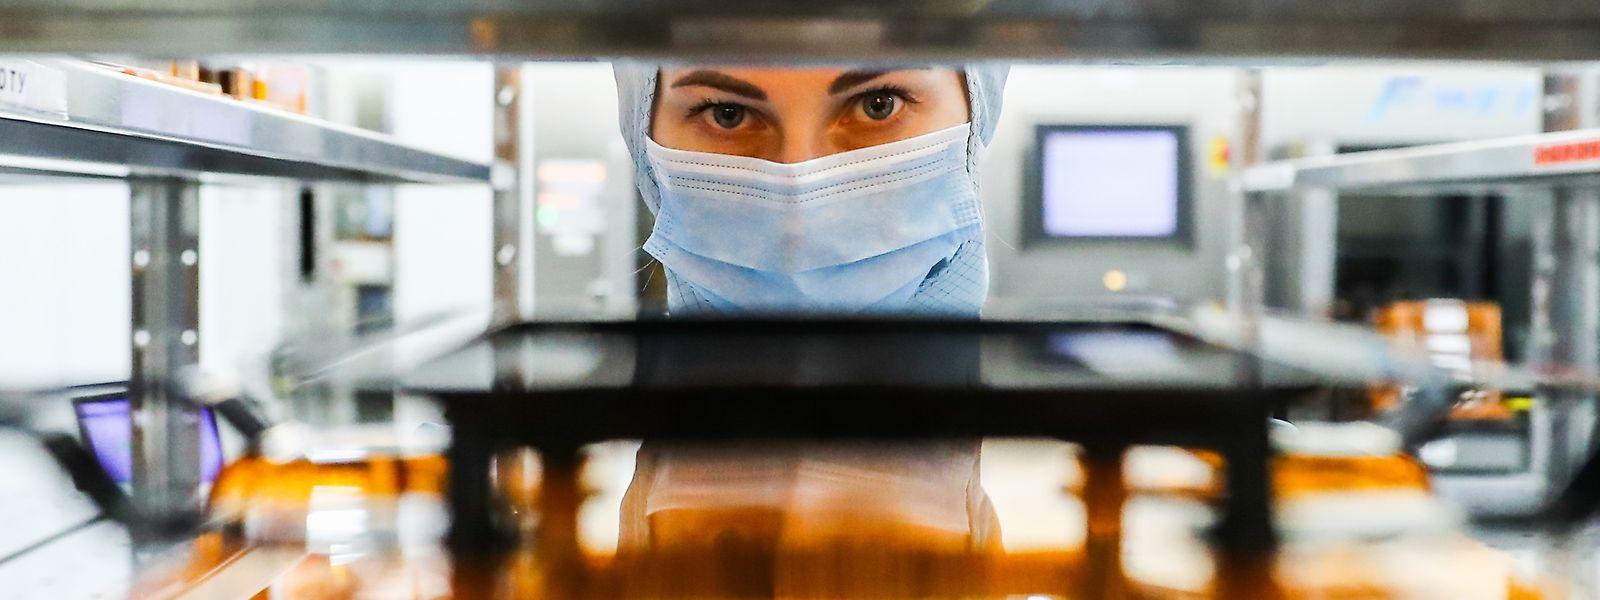 Nur wenige Hersteller weltweit können Mikrochips produzieren.